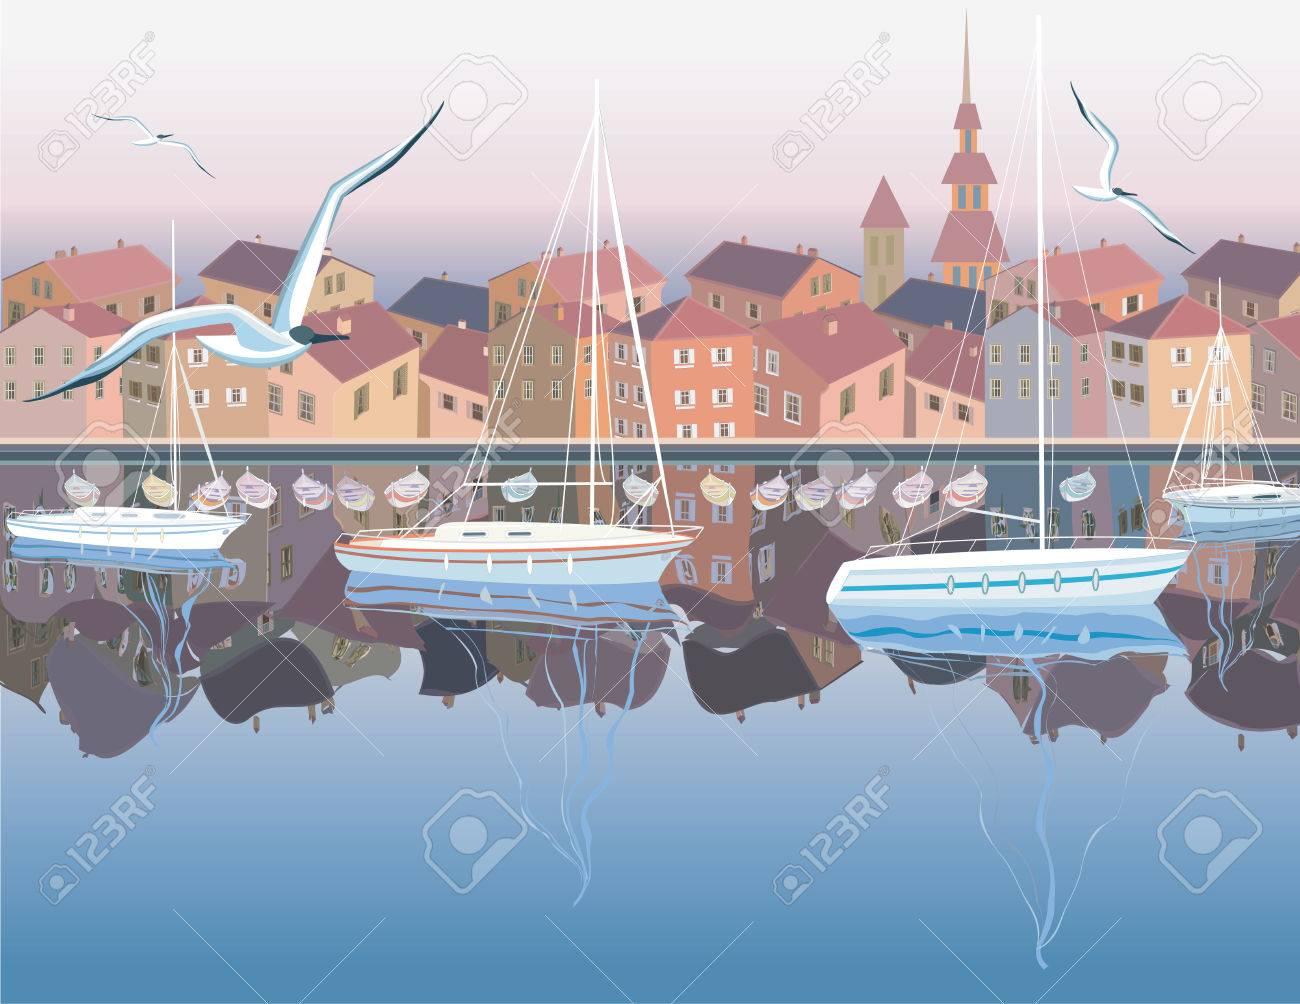 c82bf0450a58f4 Sea Landschaft mit Häusern auf einer Küste und Boote ankern in einer Bucht  Standard-Bild